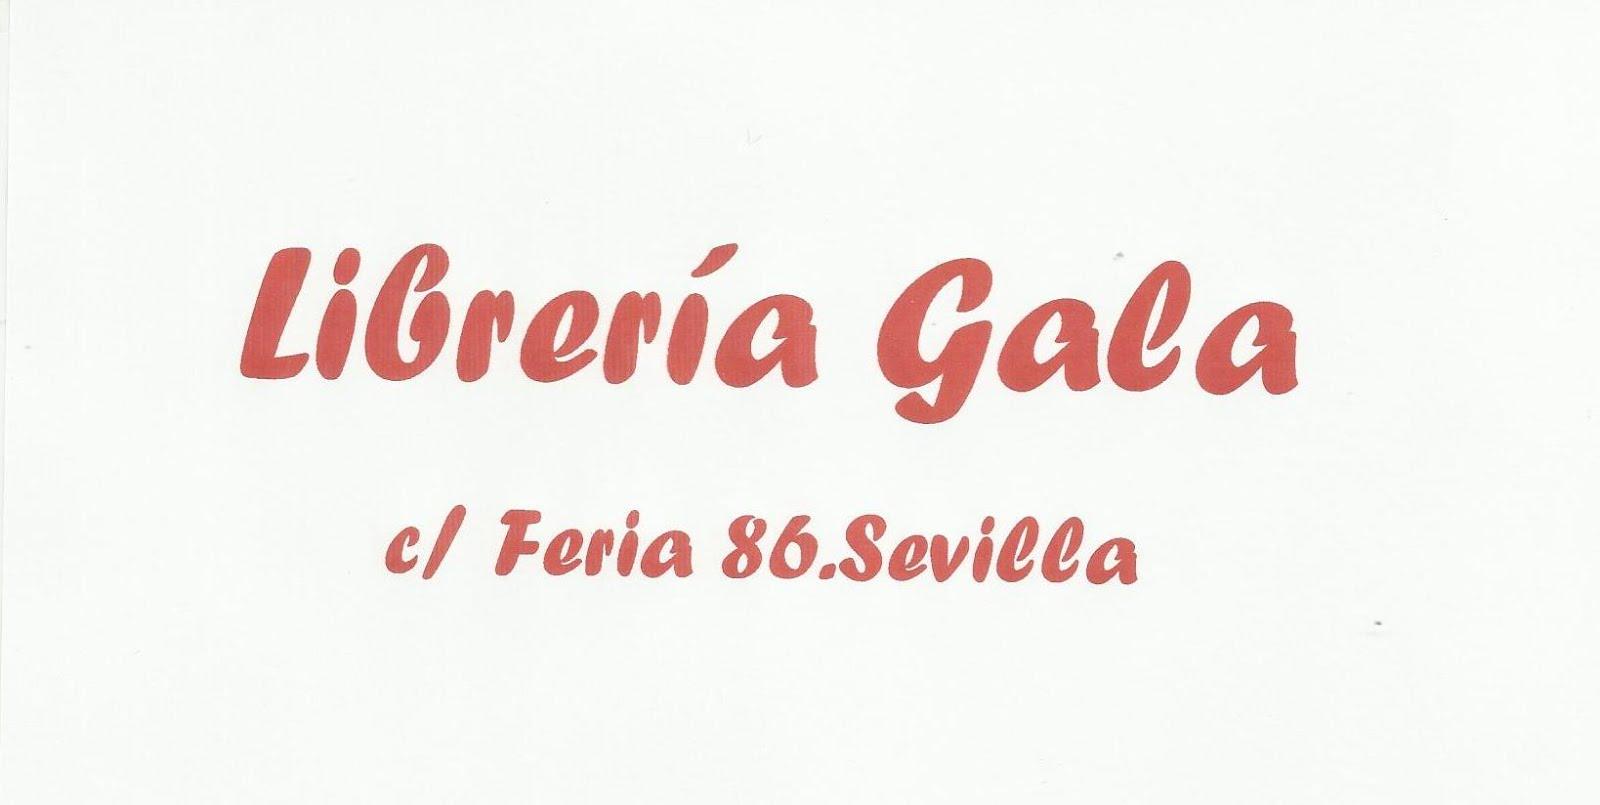 Librería Gala